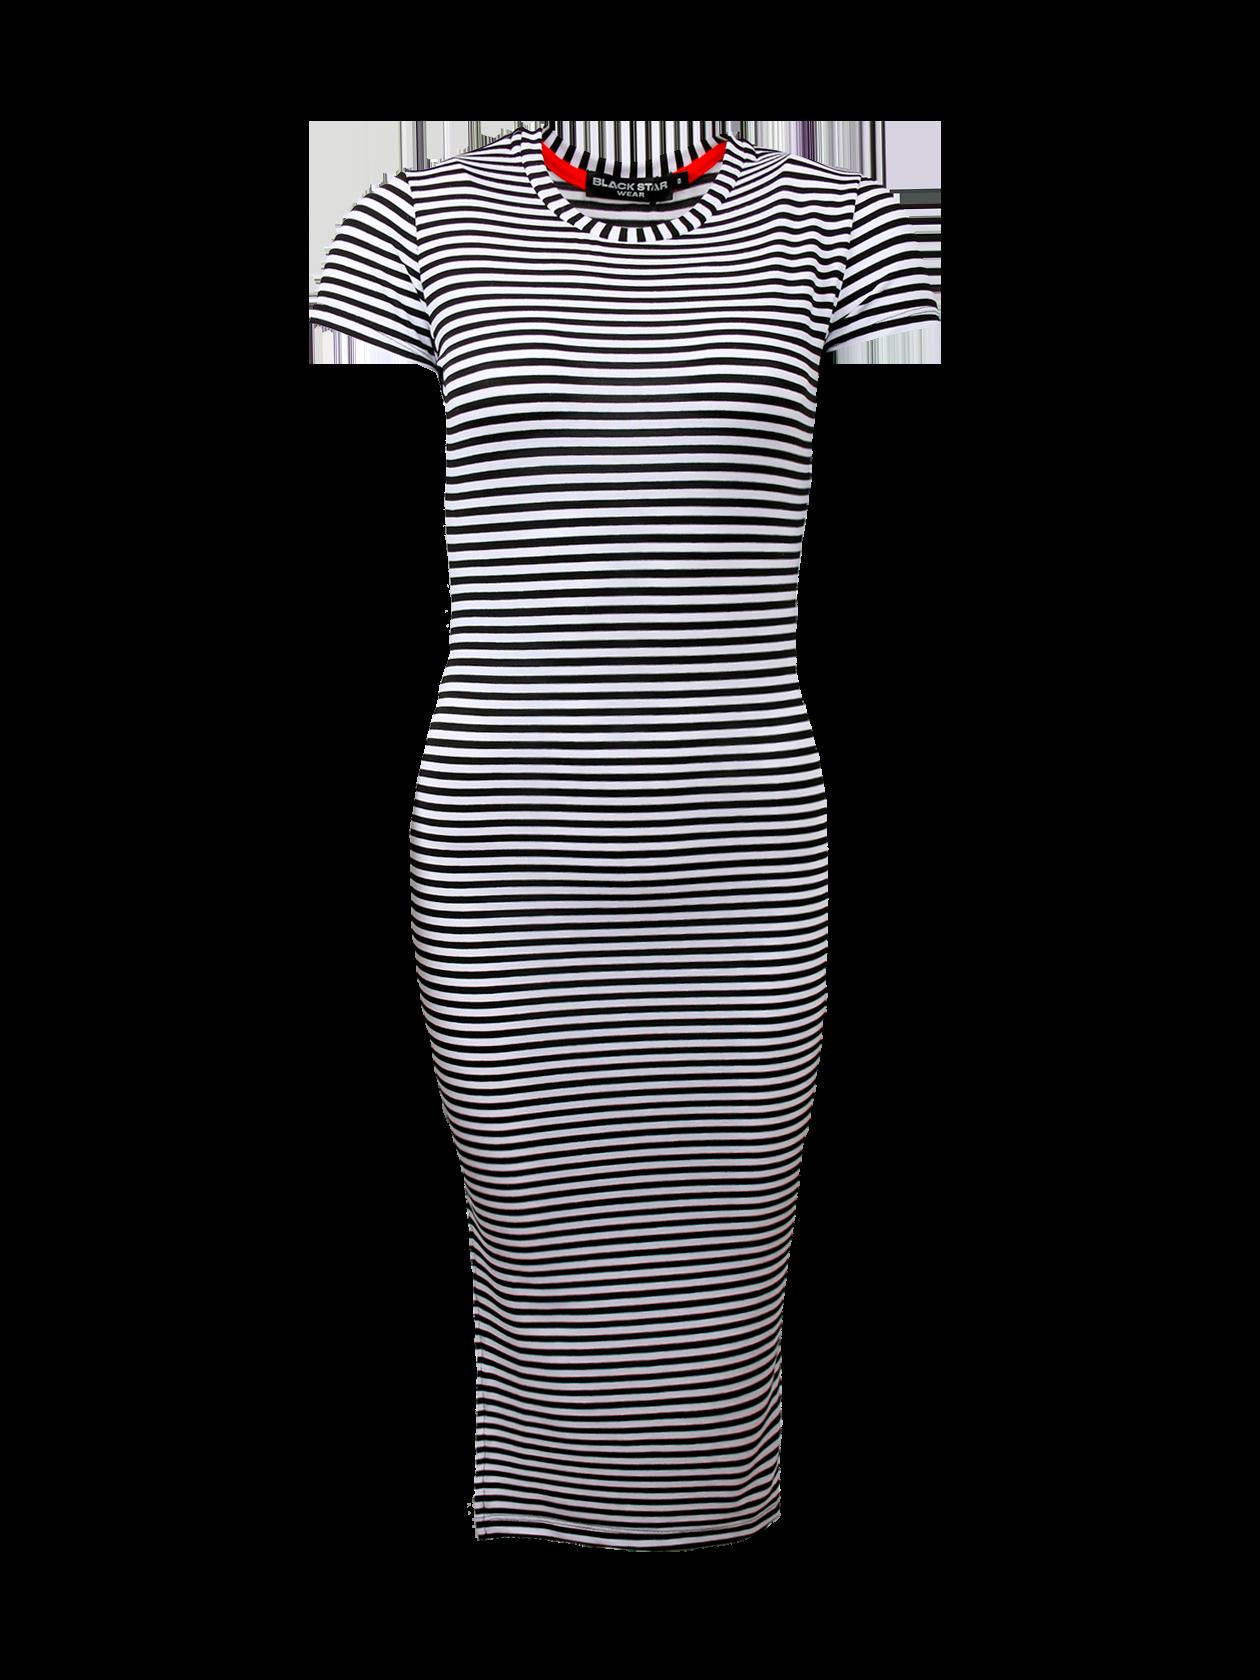 Туника женская GOLD XIIIТуника женская Gold XIII – модный хит сезона от бренда Black Star. Удлиненная модель полуоблегающего кроя может использоваться, как самостоятельная вещь или в комбинации с леггинсами. Дизайн дополнен небольшим рукавом, узкой округлой горловиной и боковым вырезом. Универсальная расцветка в черно-белую полоску не теряет своей популярности уже много лет. Туника сшита из высококачественного материала на основе натурального хлопка.<br><br>Размер: XS<br>Цвет: Черный/Белый<br>Пол: Женский